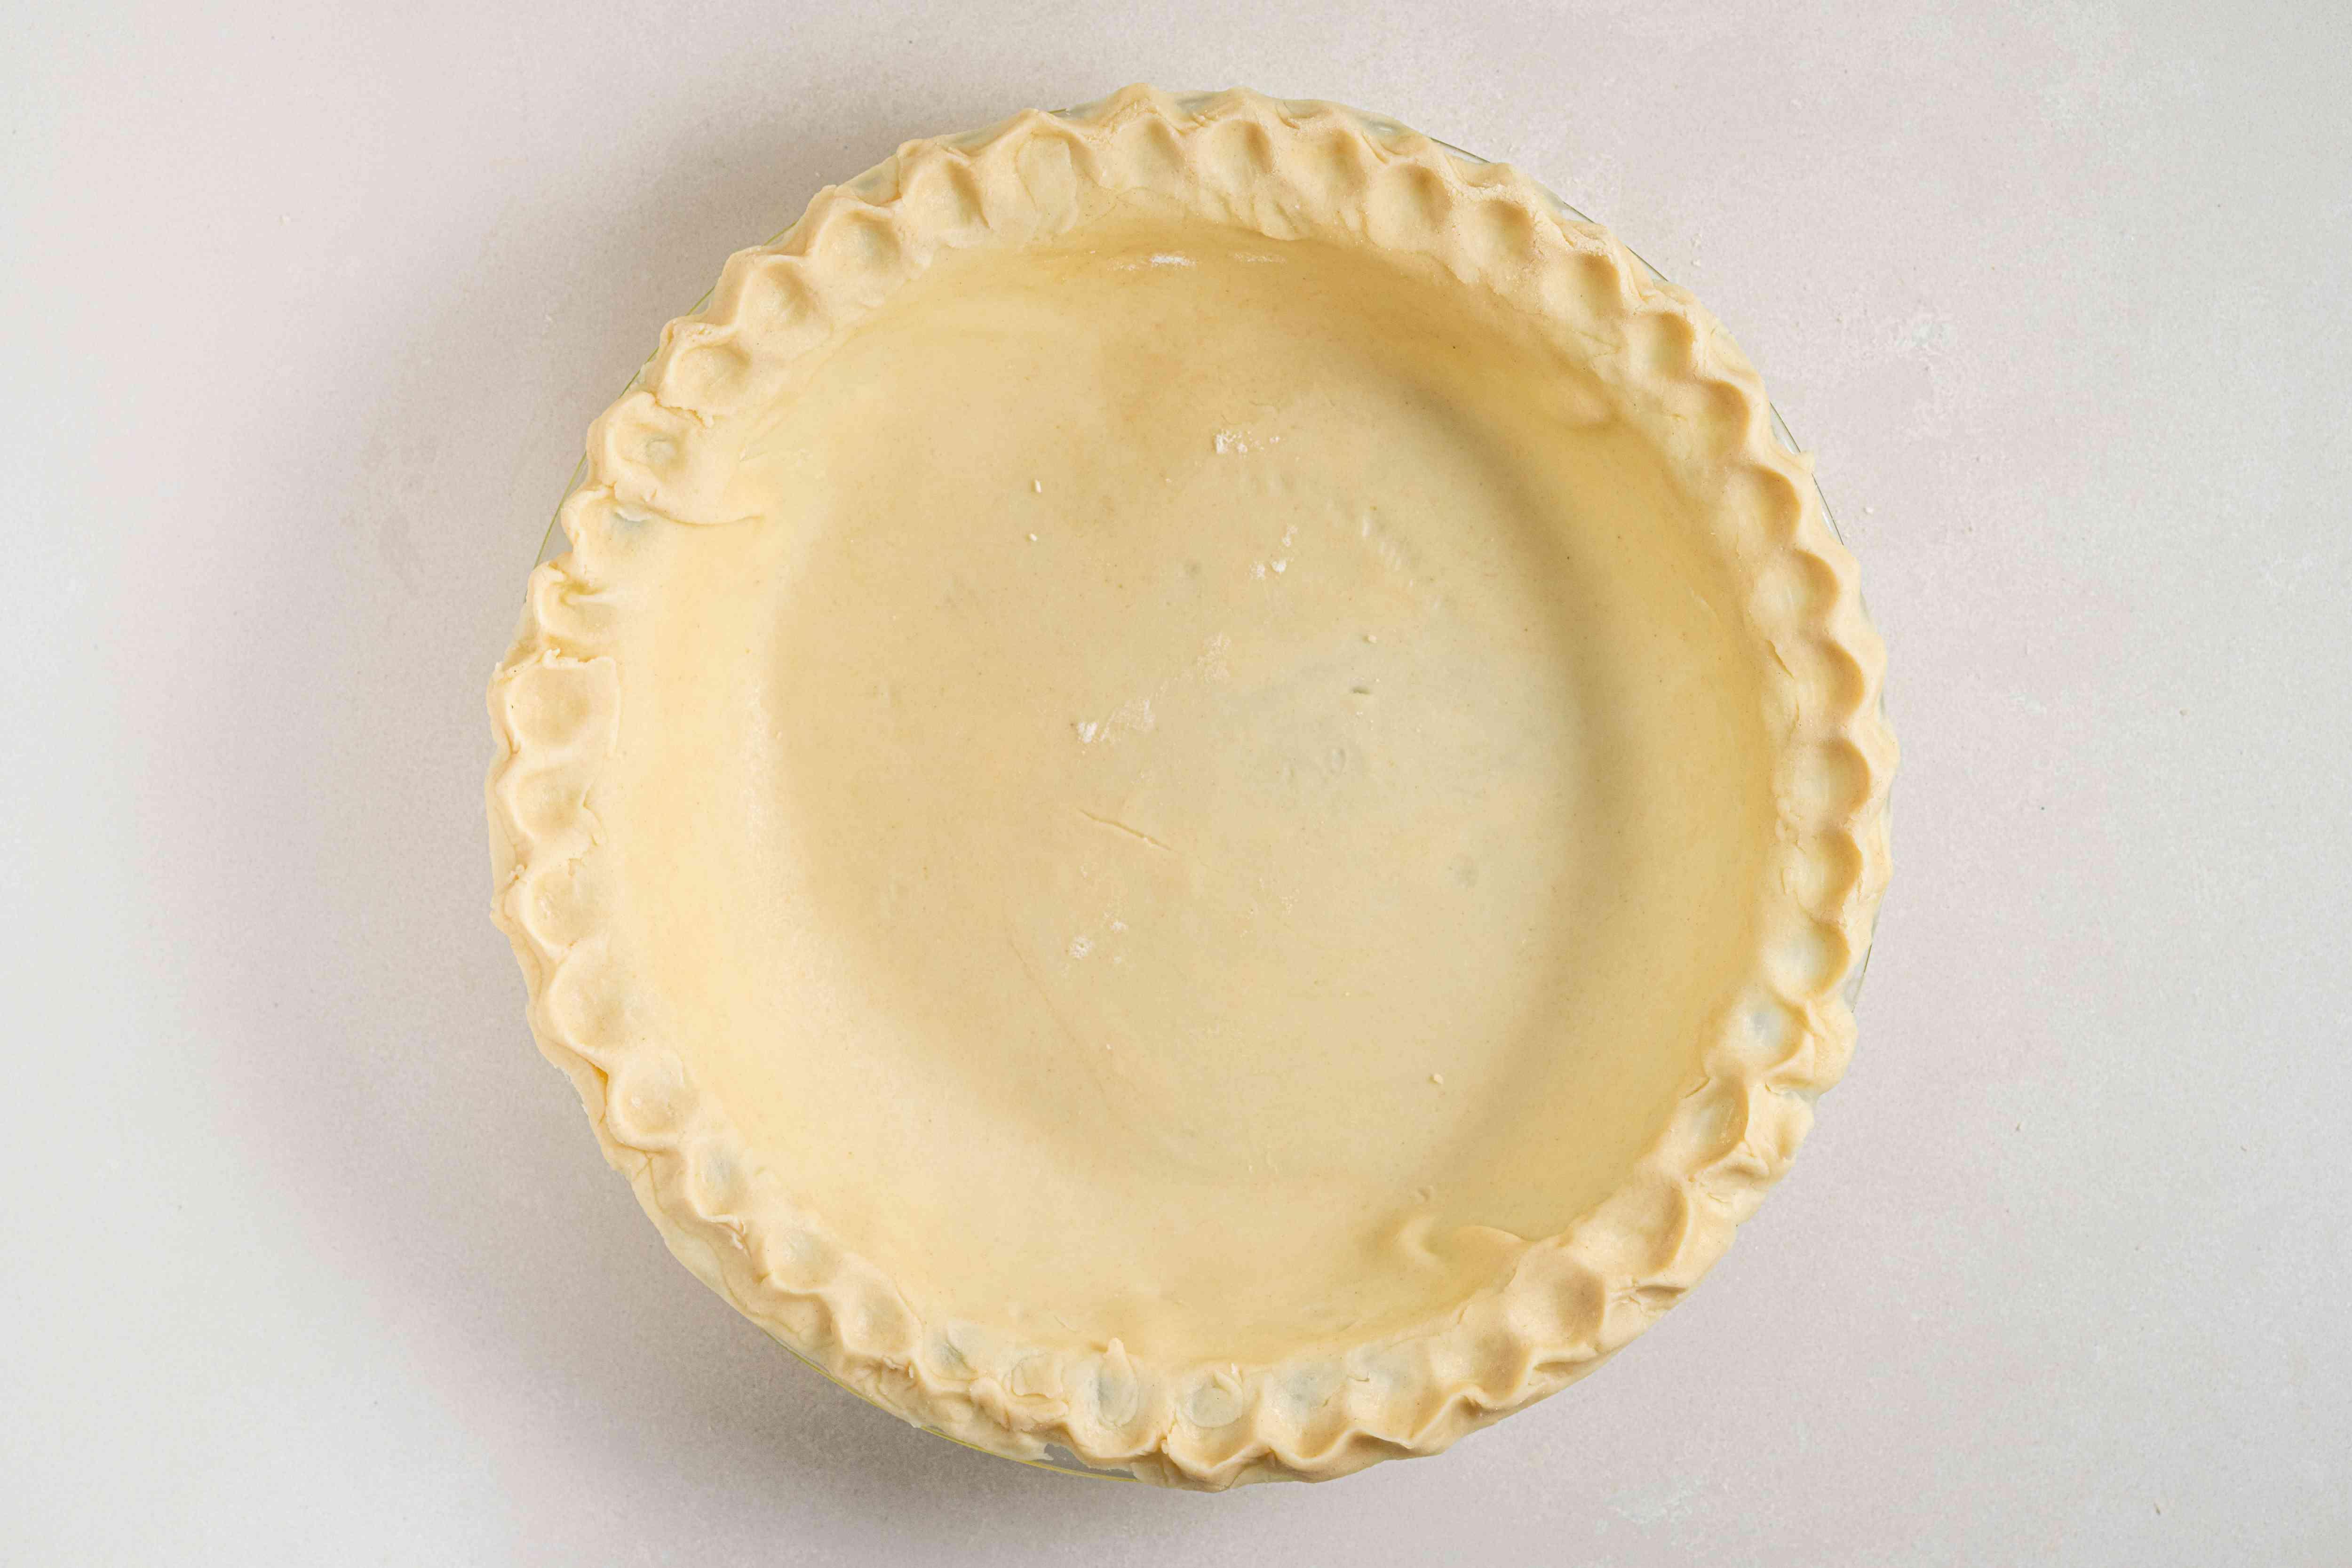 Crimp the pie crust edges